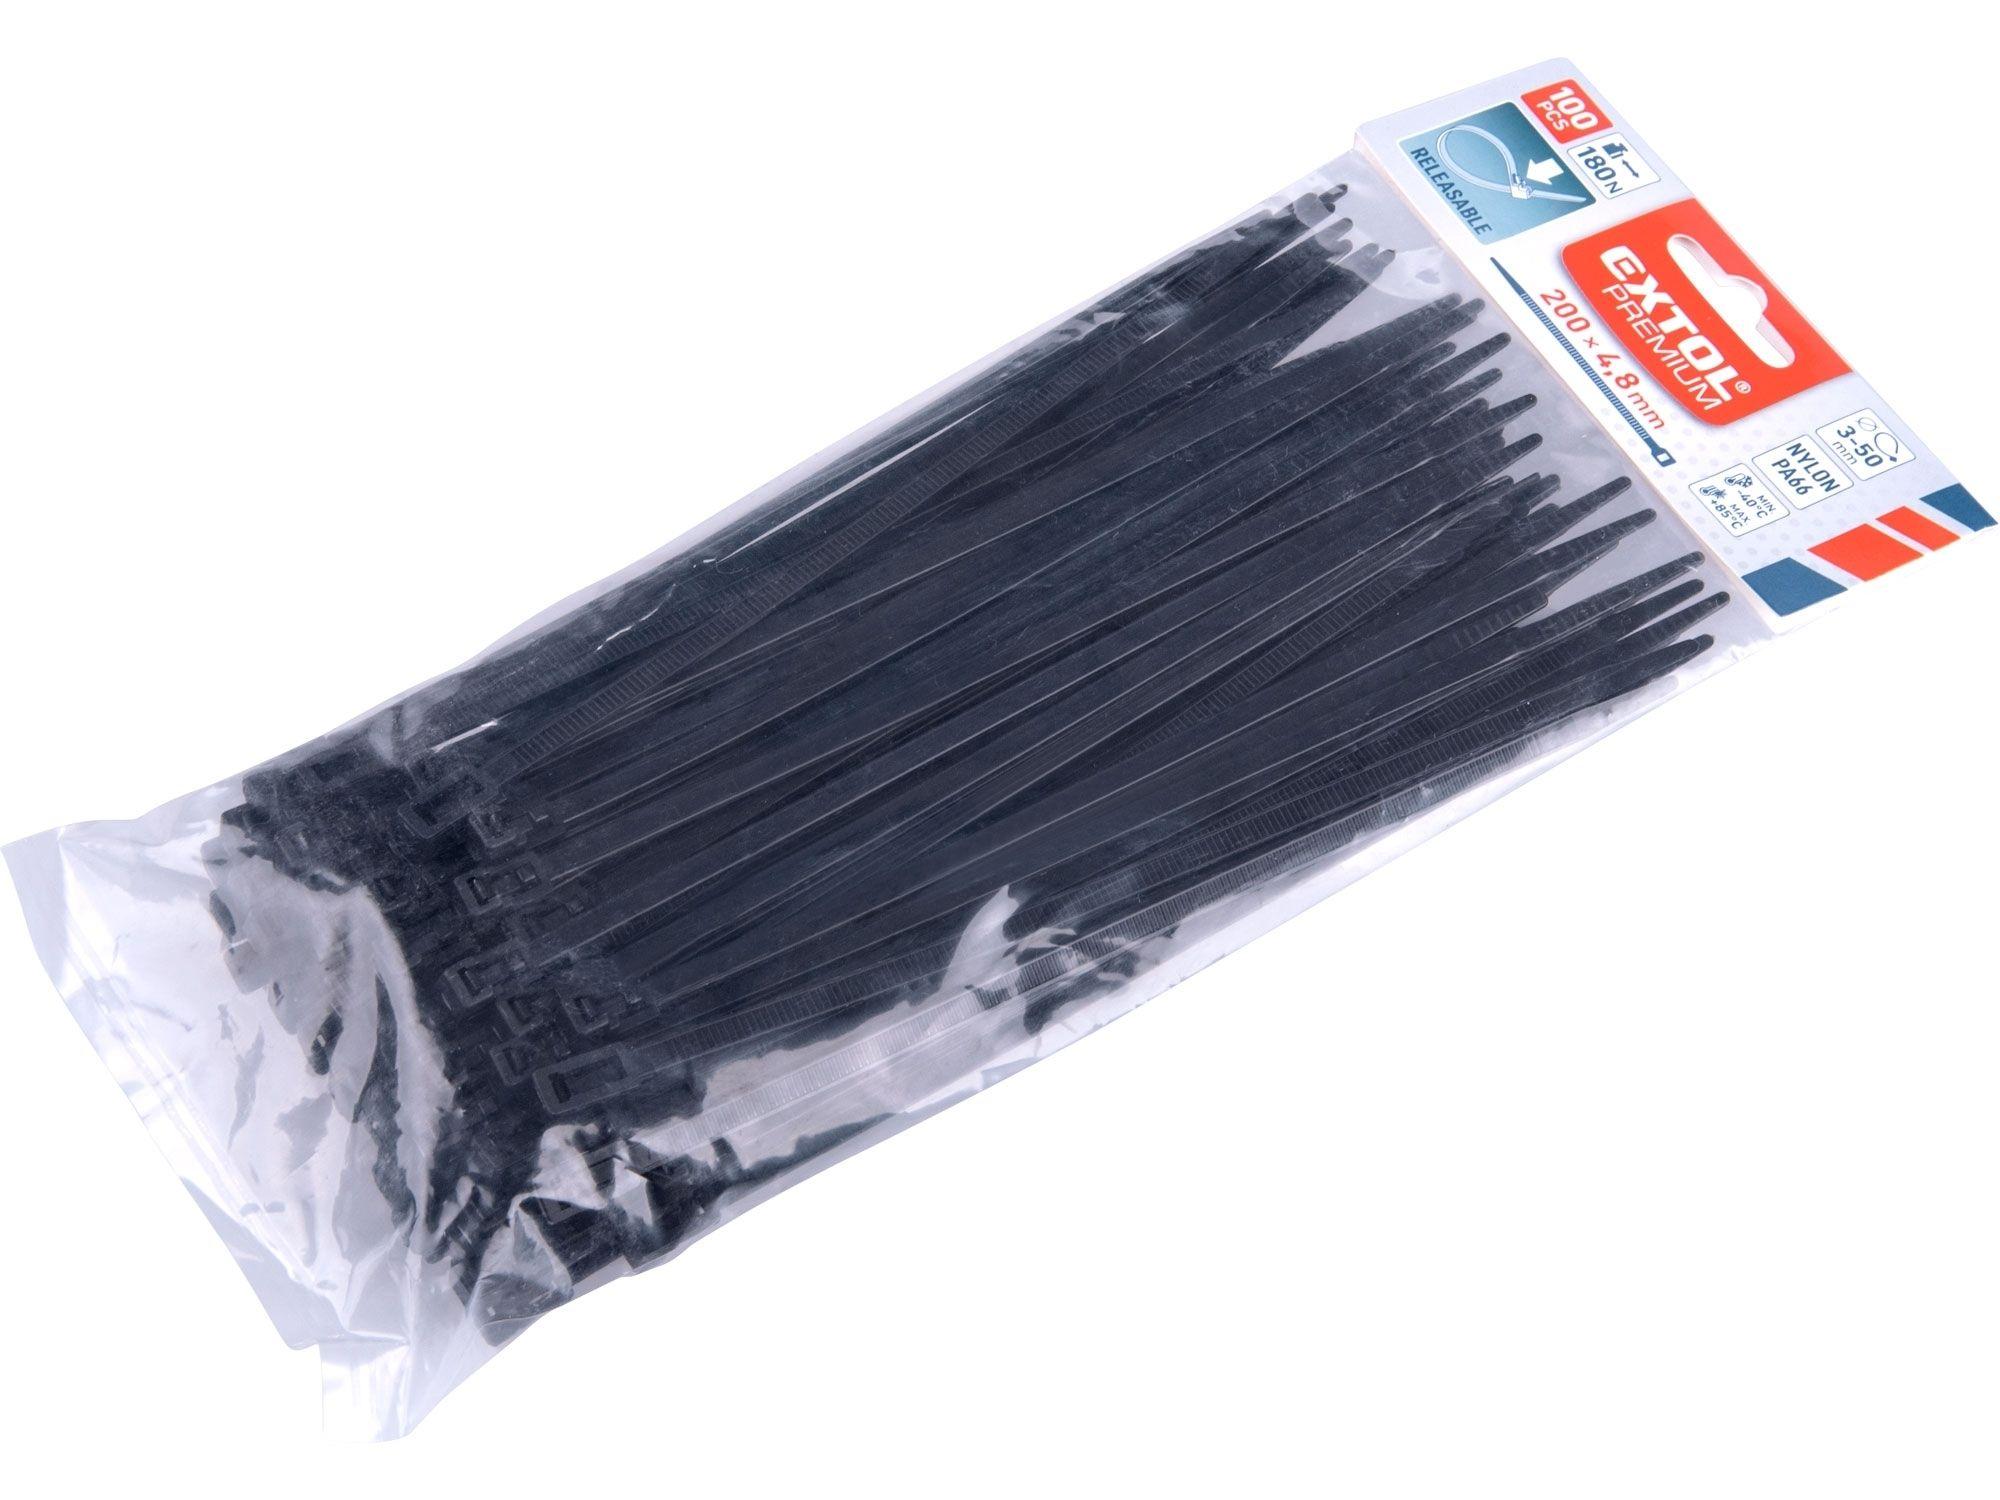 Pásky stahovací černé, rozpojitelné, 200x4,8mm, 100ks, nylon PA66